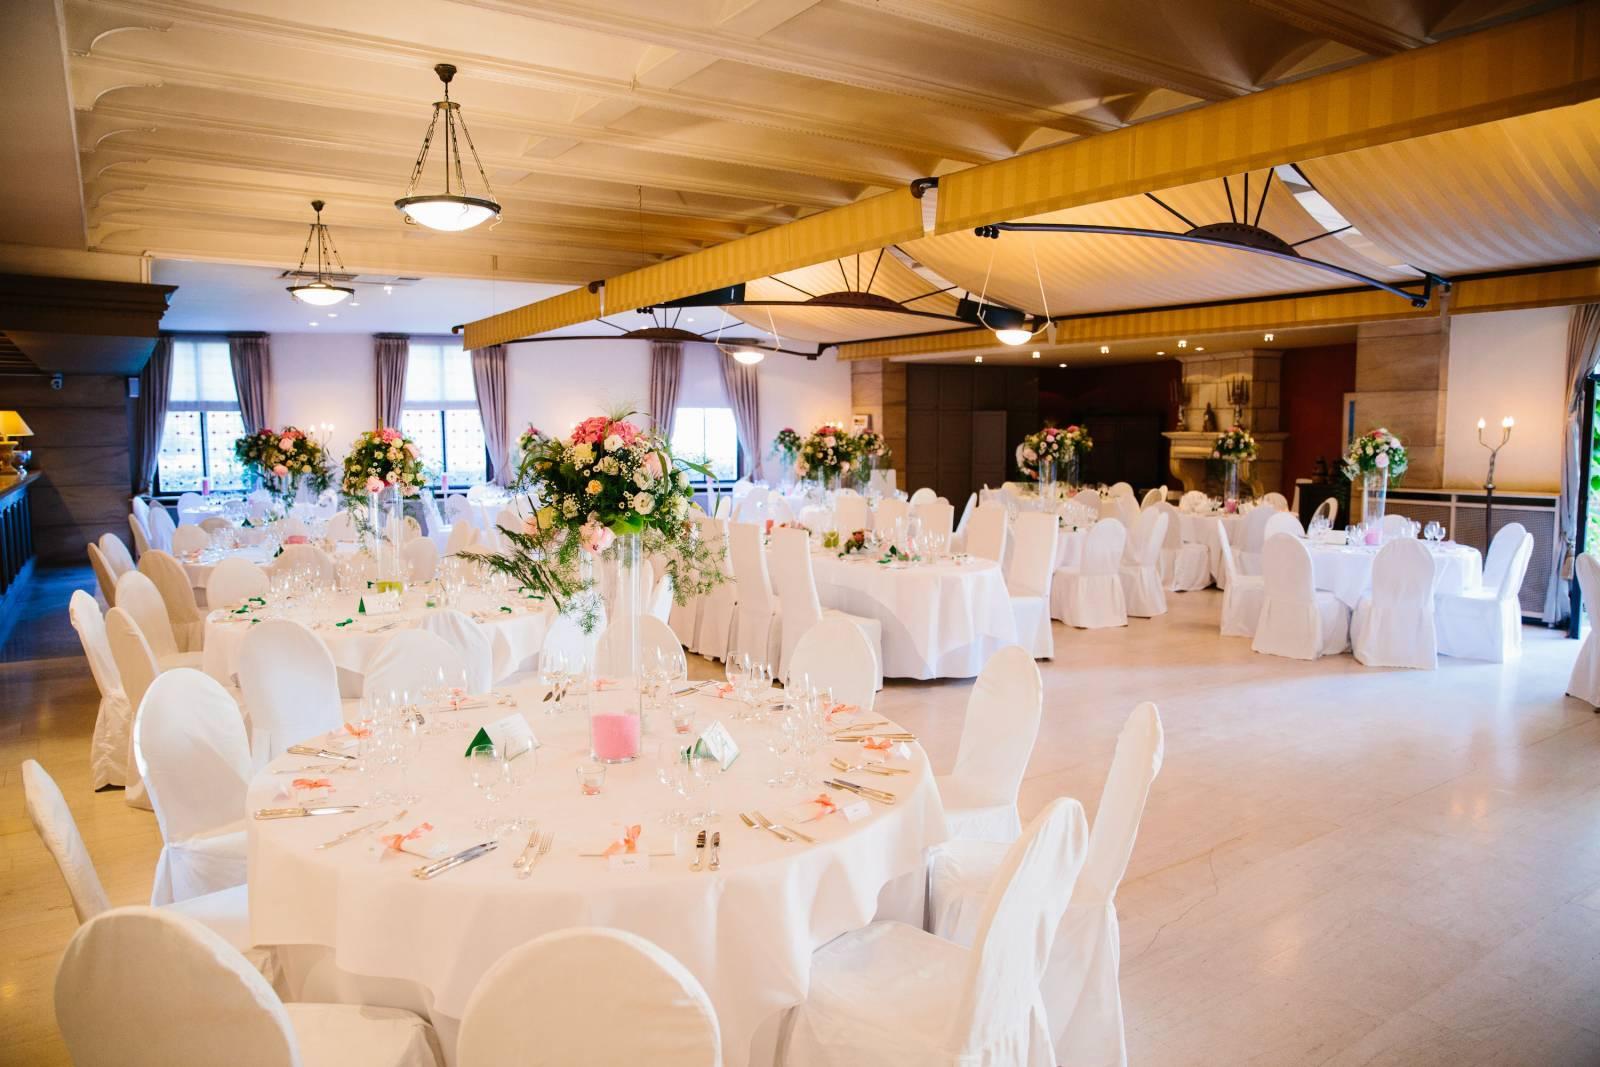 Feestzaal Hof Van Reyen Zaal Brouwerij Boechout (3) - House of Weddings